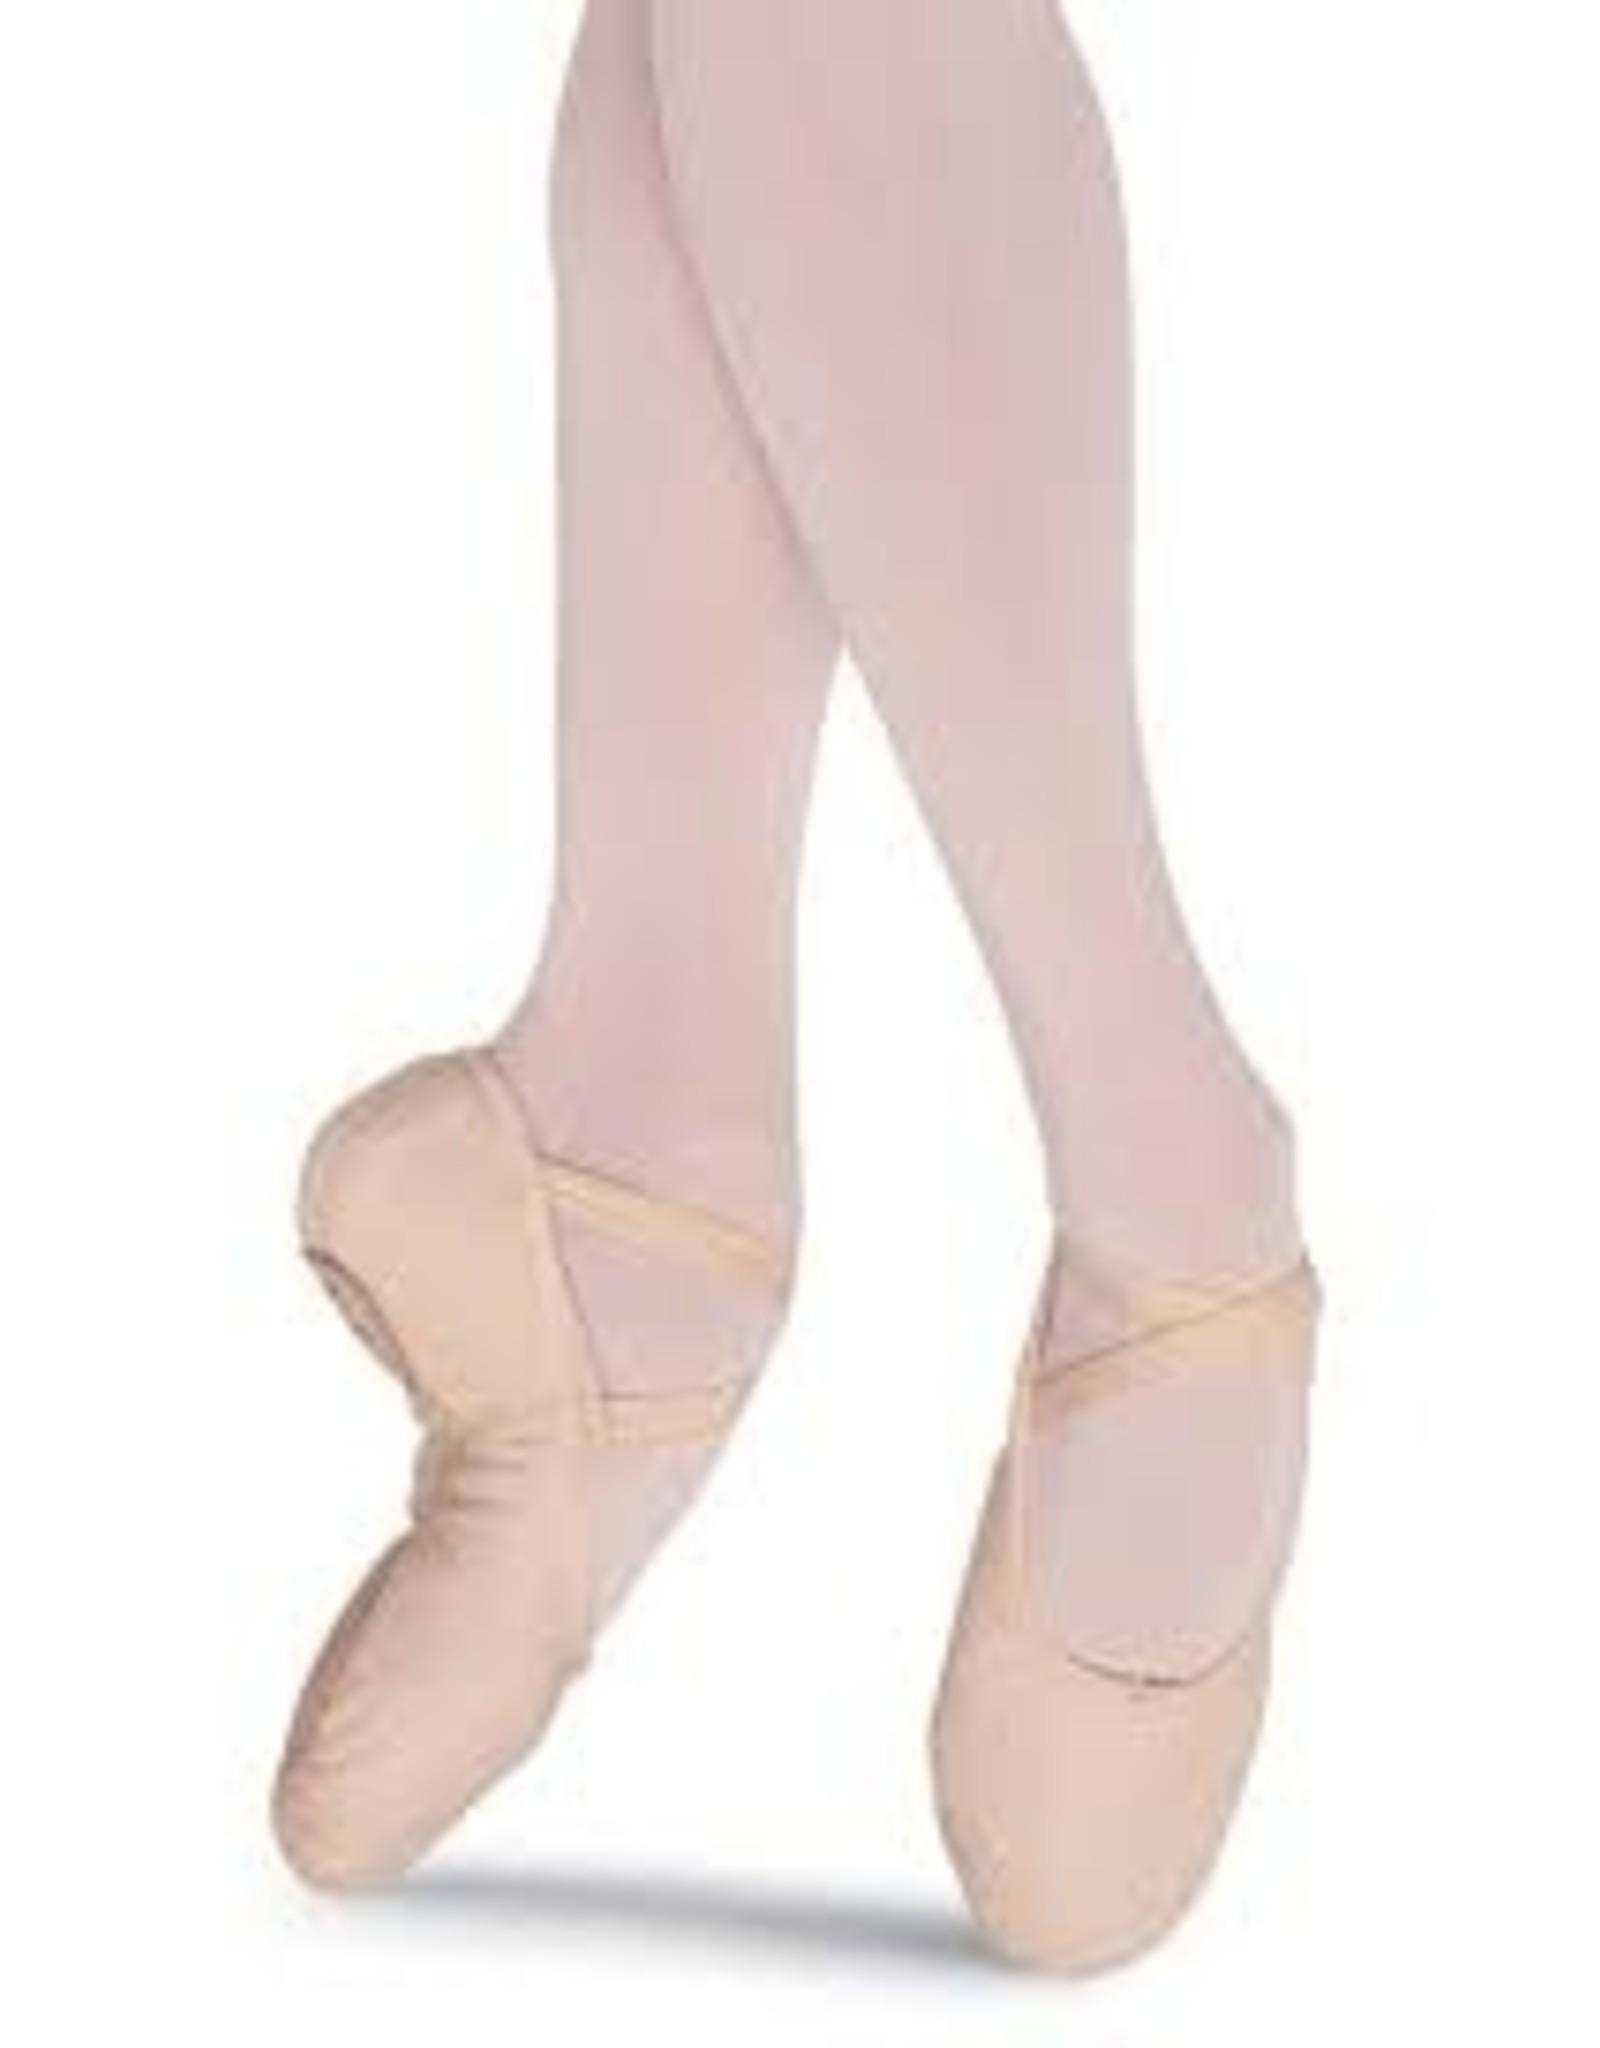 Bloch S0277 L Pump Canvas Split Sole Ballet Shoe FLESH